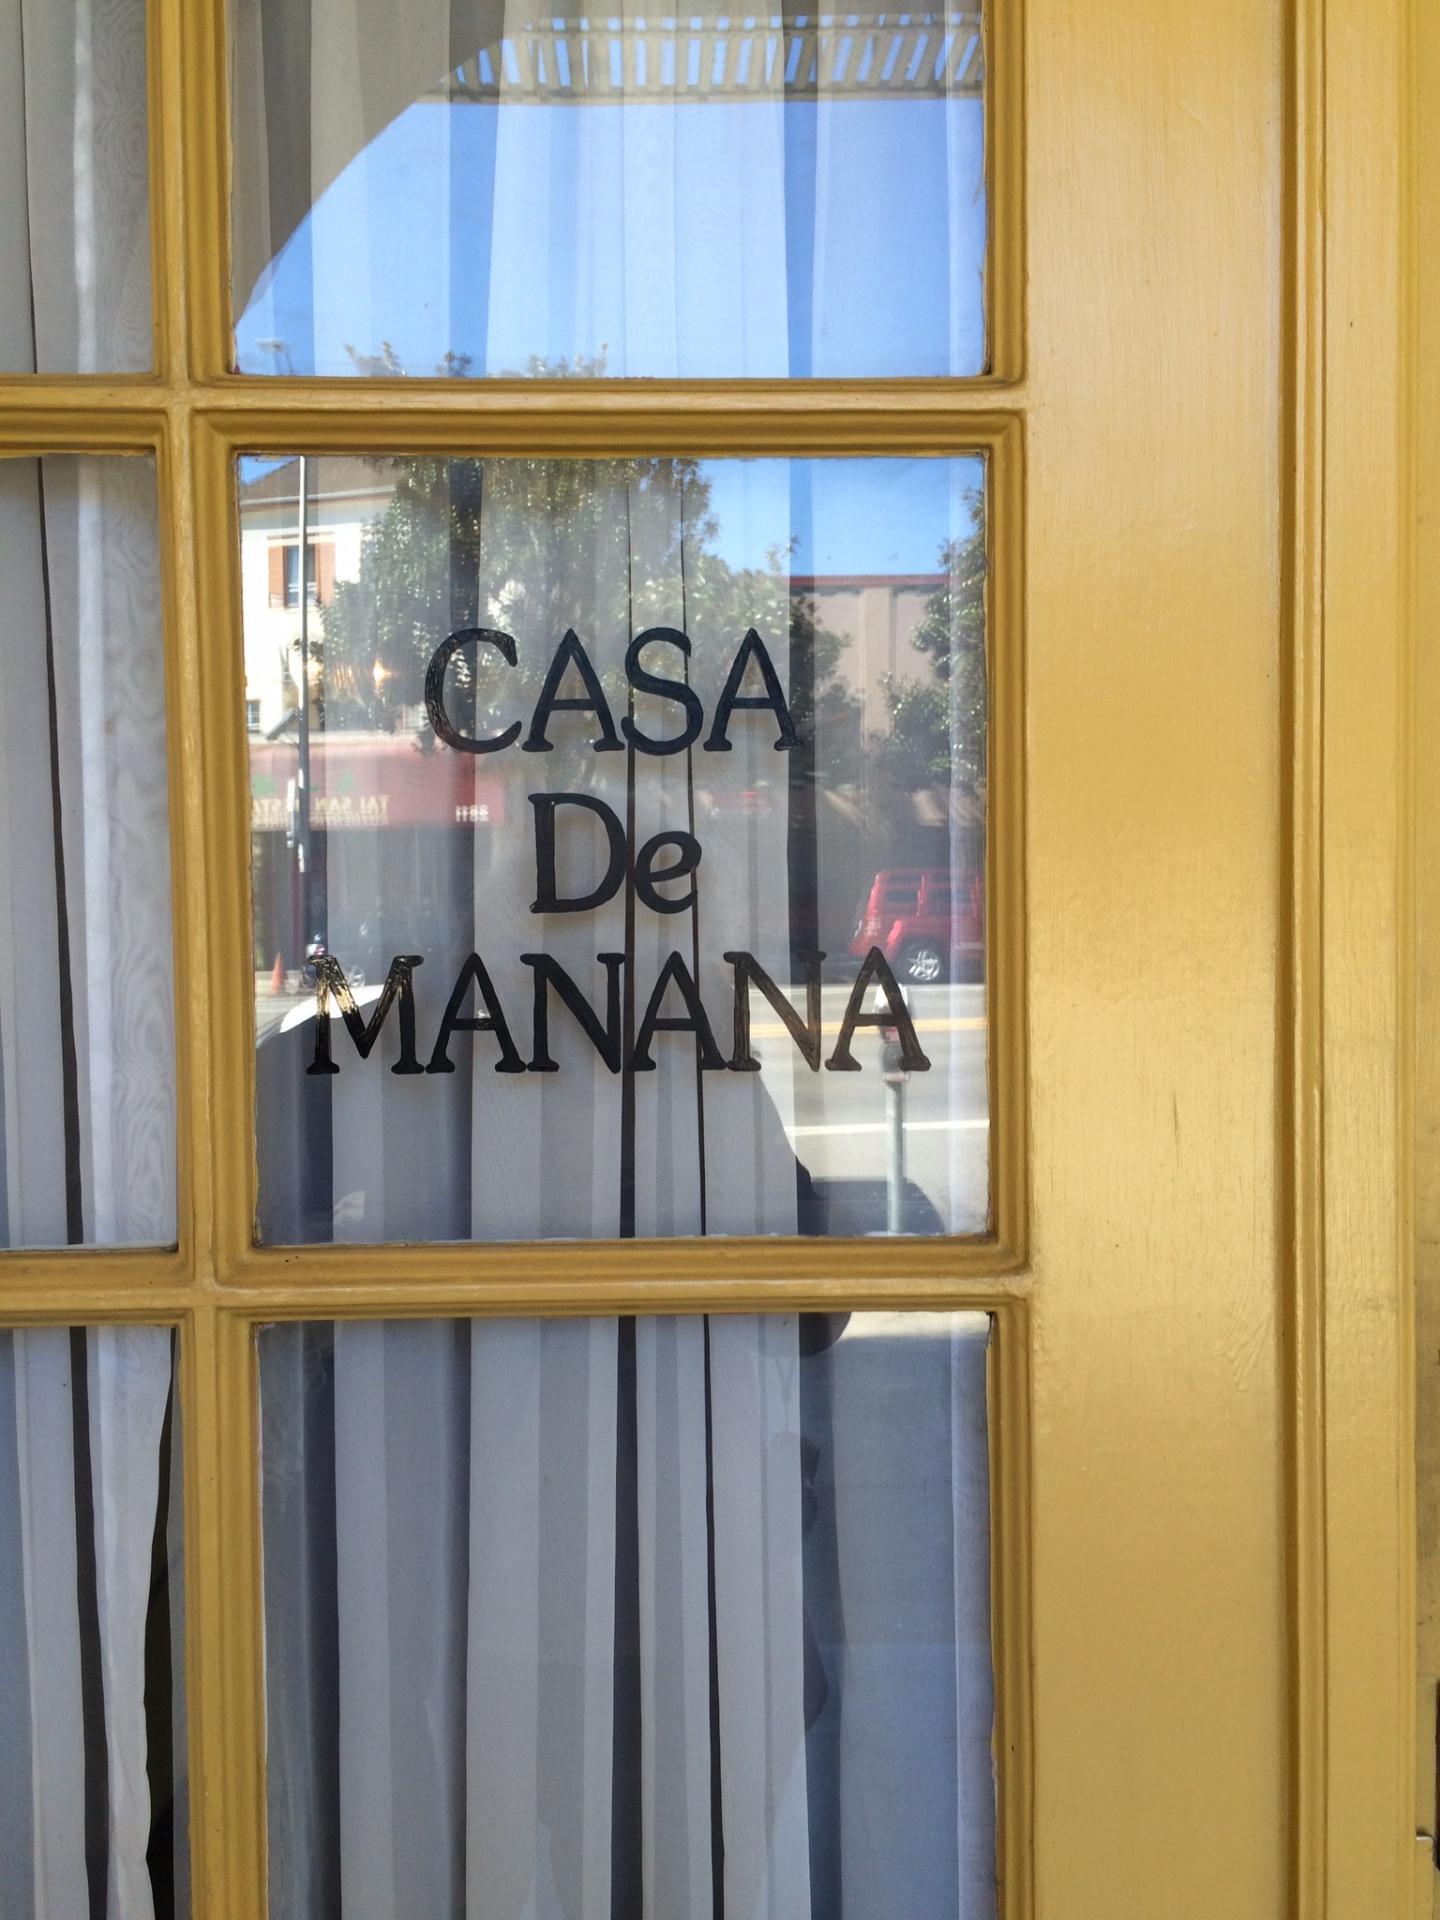 Cas De mannaa 0a65aece-4f9c-4733-8229-6e1ec2bc0391